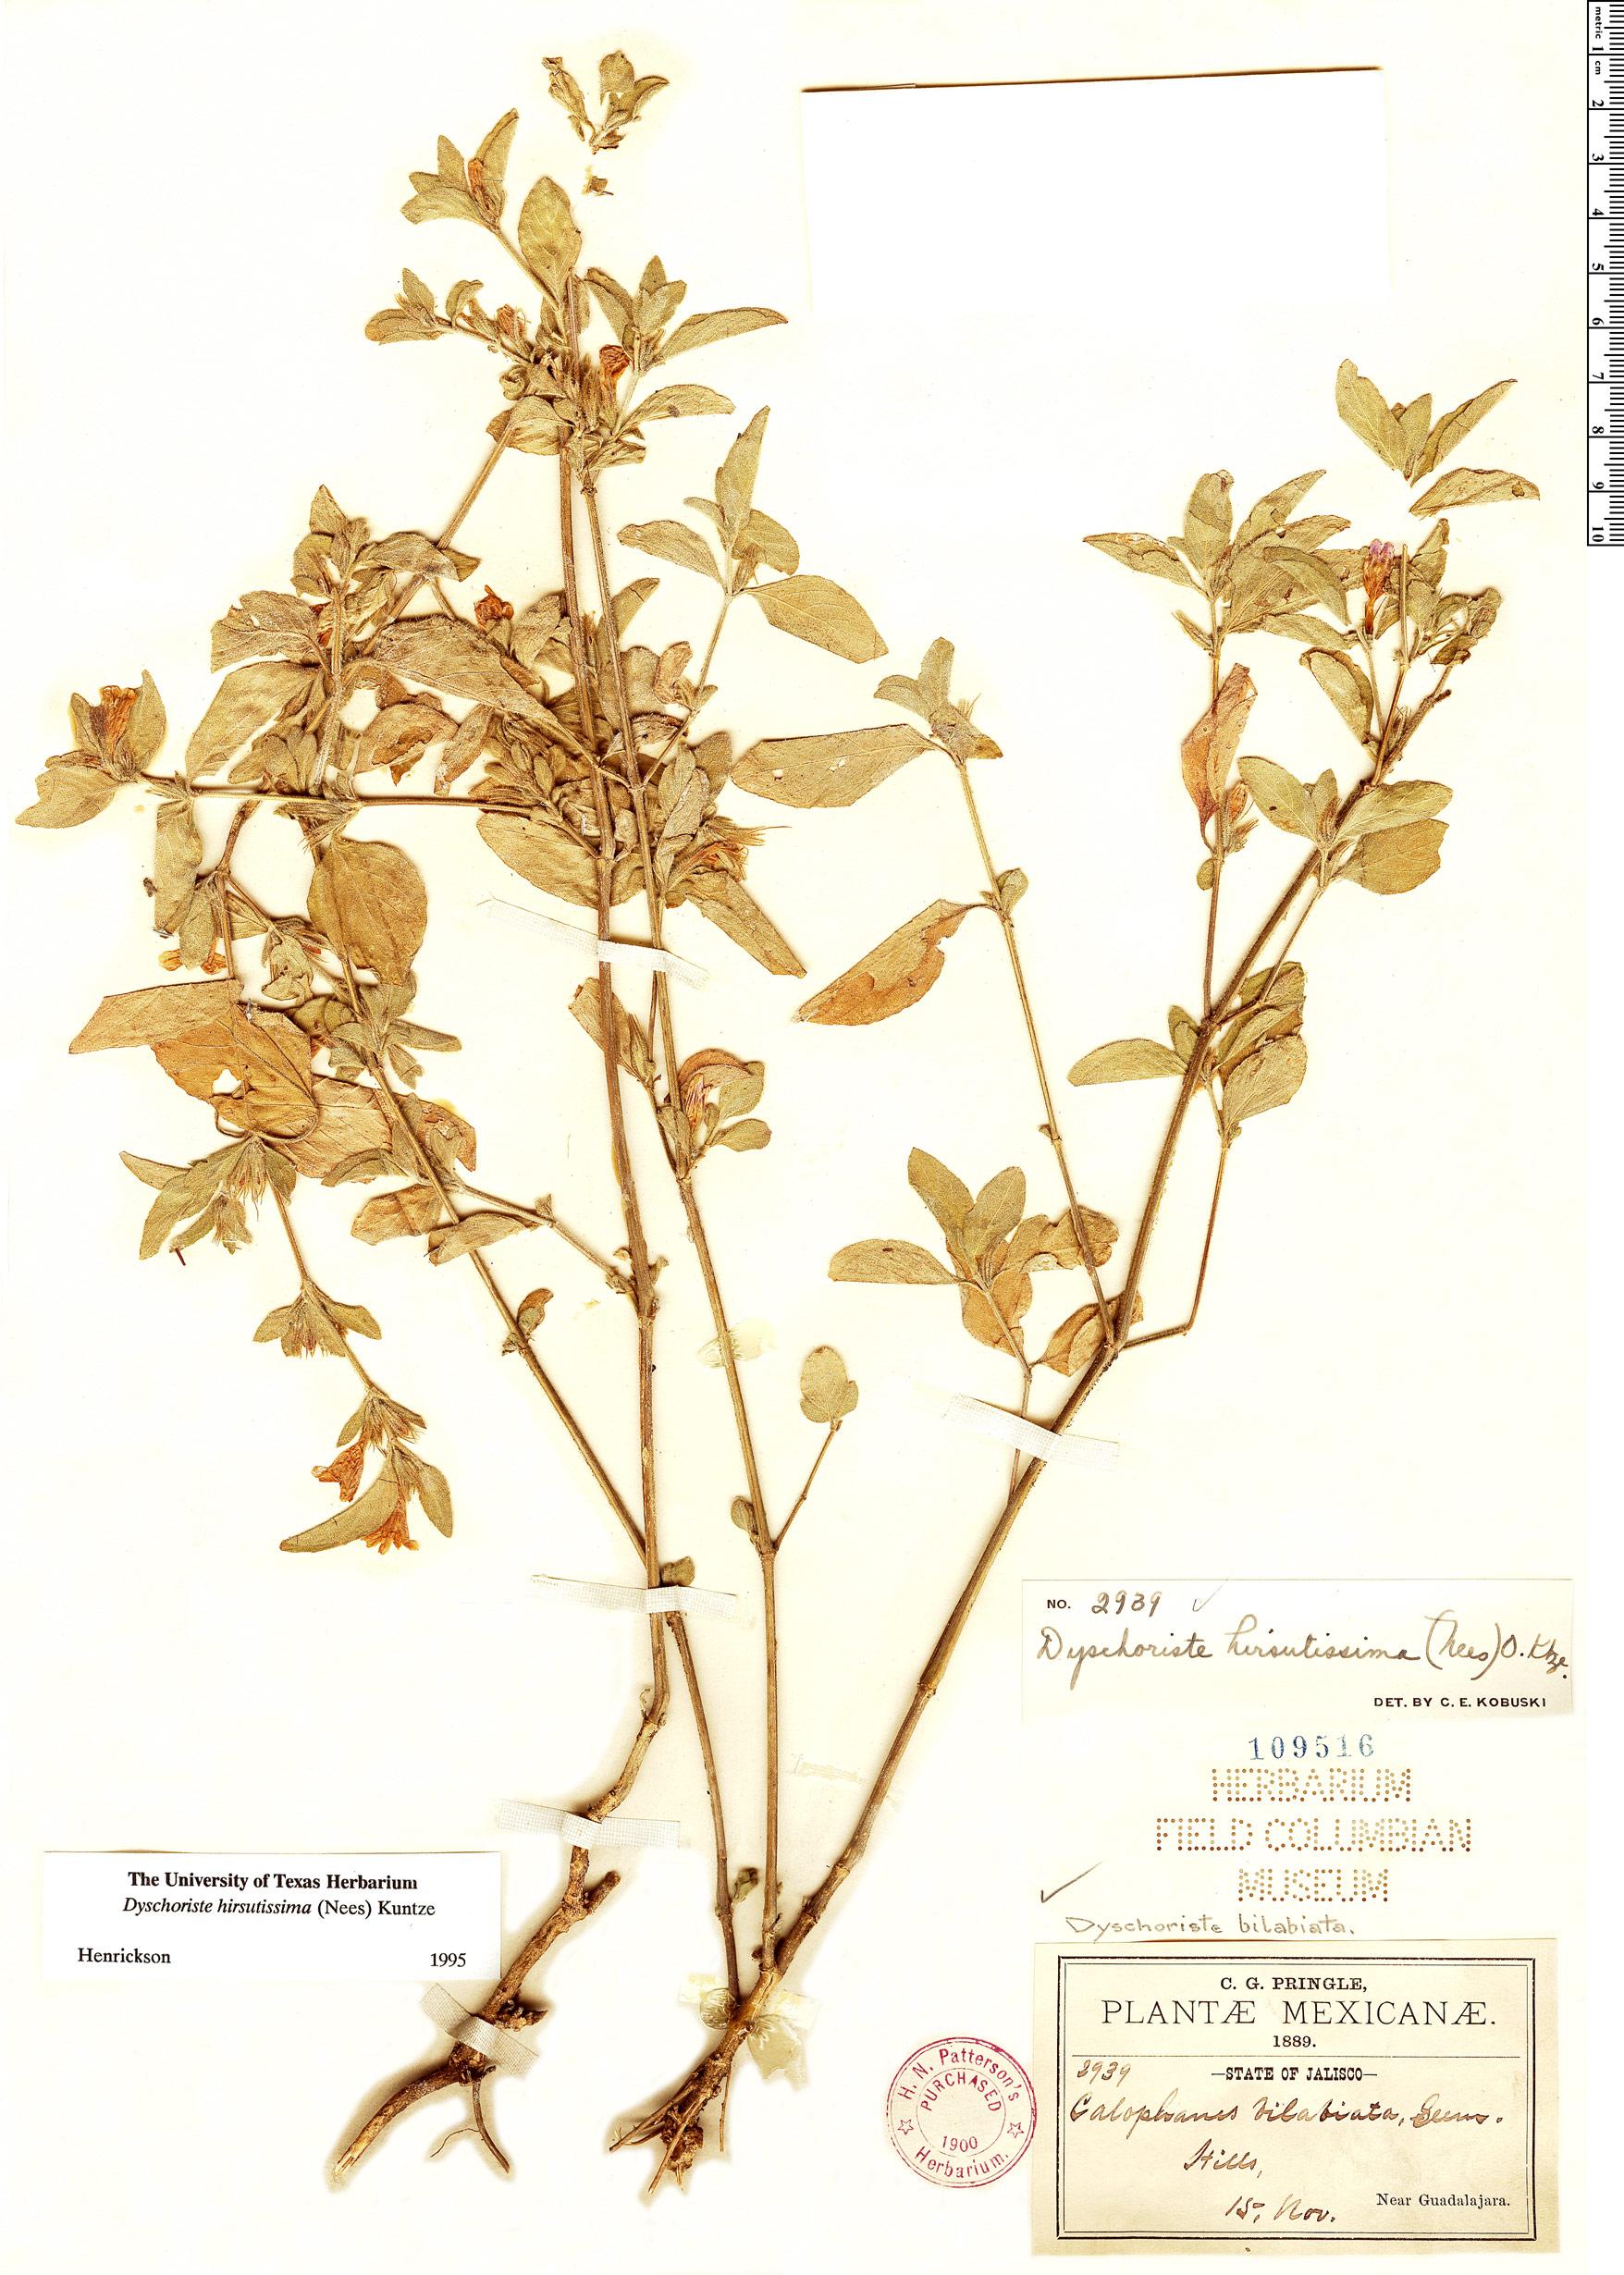 Specimen: Dyschoriste hirsutissima